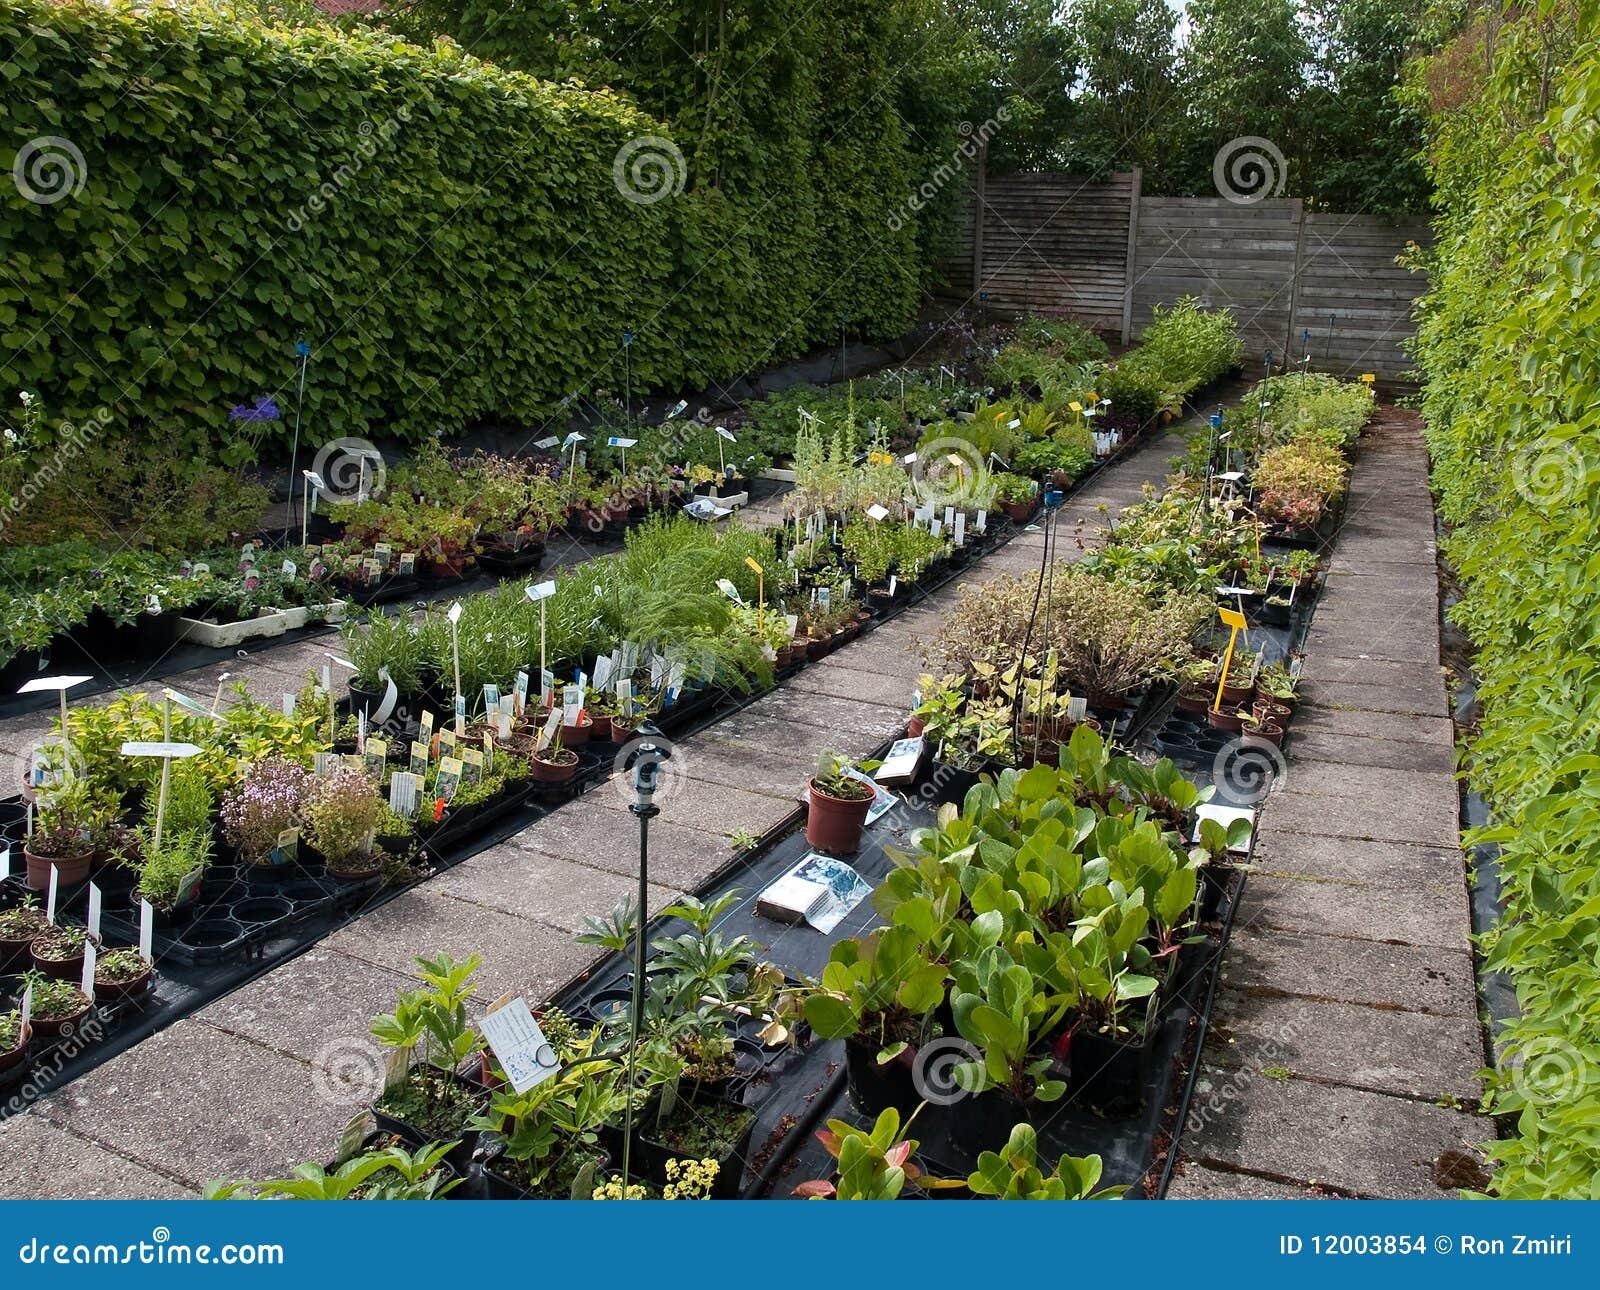 p pini re de centrales de jardin avec l 39 irrigation images stock image 12003854. Black Bedroom Furniture Sets. Home Design Ideas